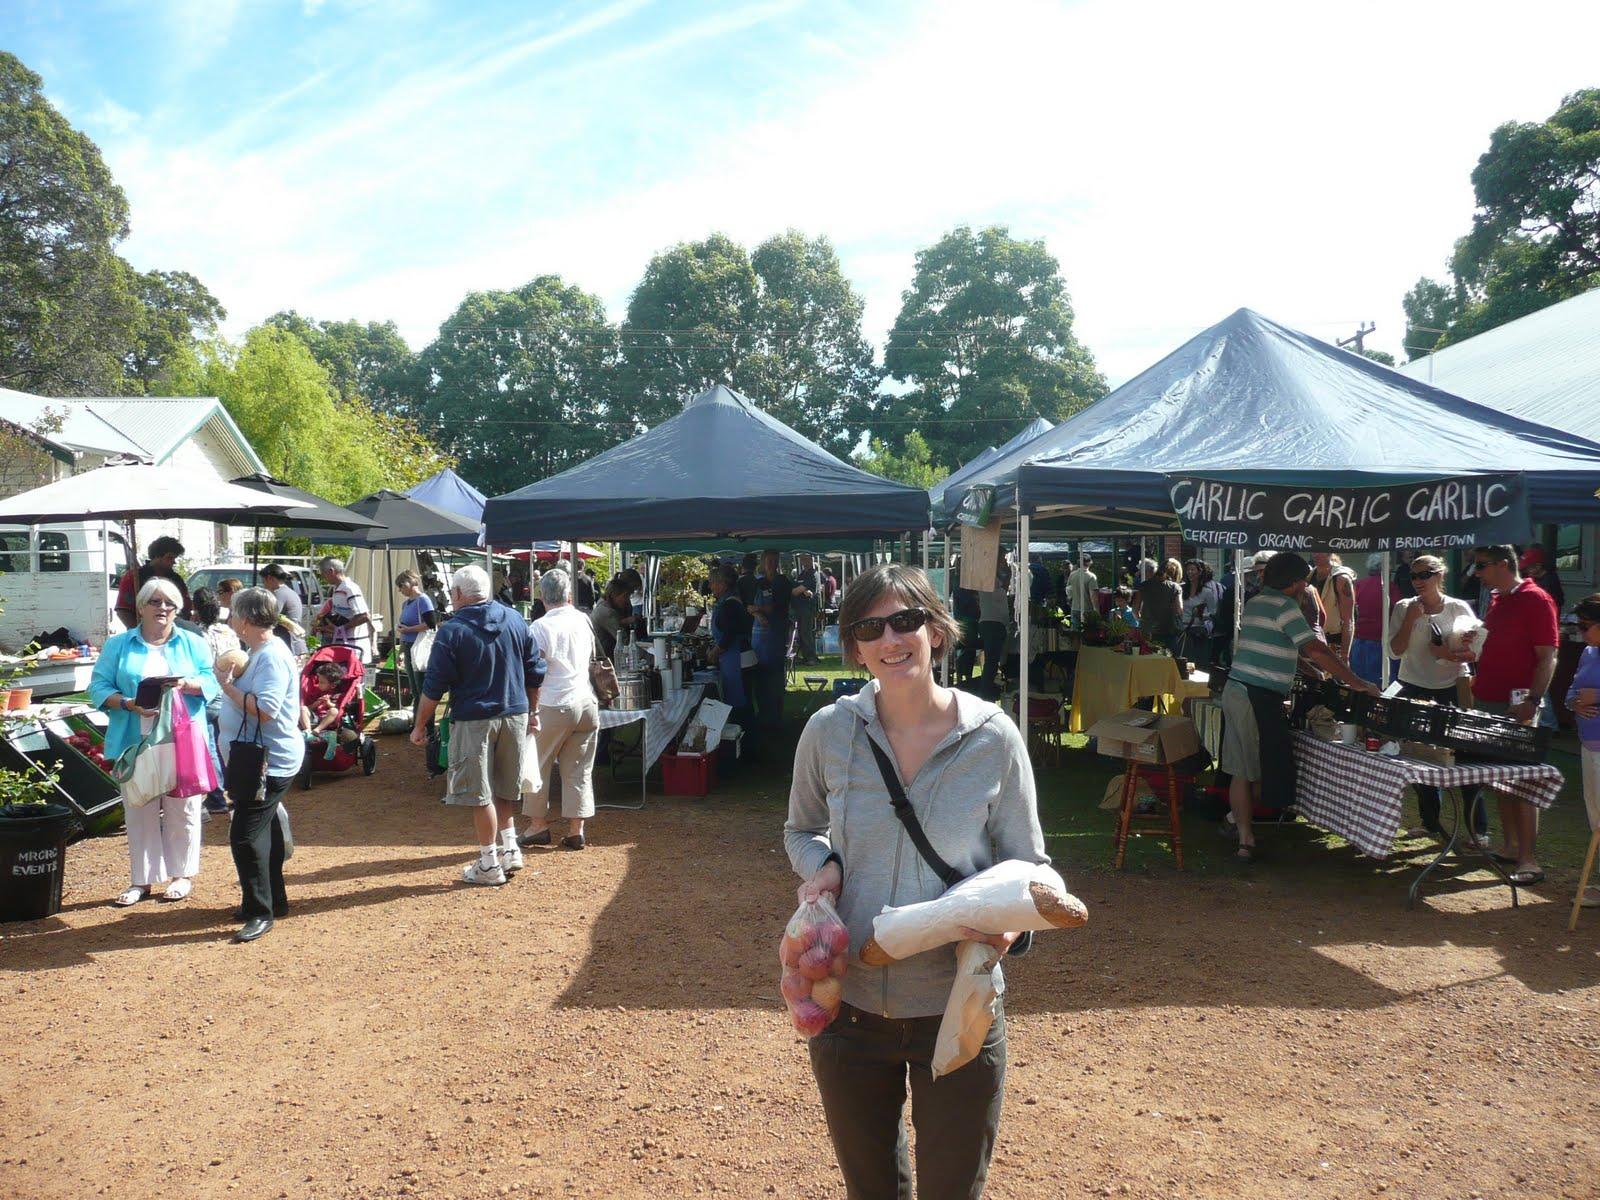 http://3.bp.blogspot.com/-9fZDq2tF3tM/TaGzZKTztwI/AAAAAAAAASU/u0q51vb-l_Y/s1600/052_02_Margaret+River+Farmers+Market.jpg